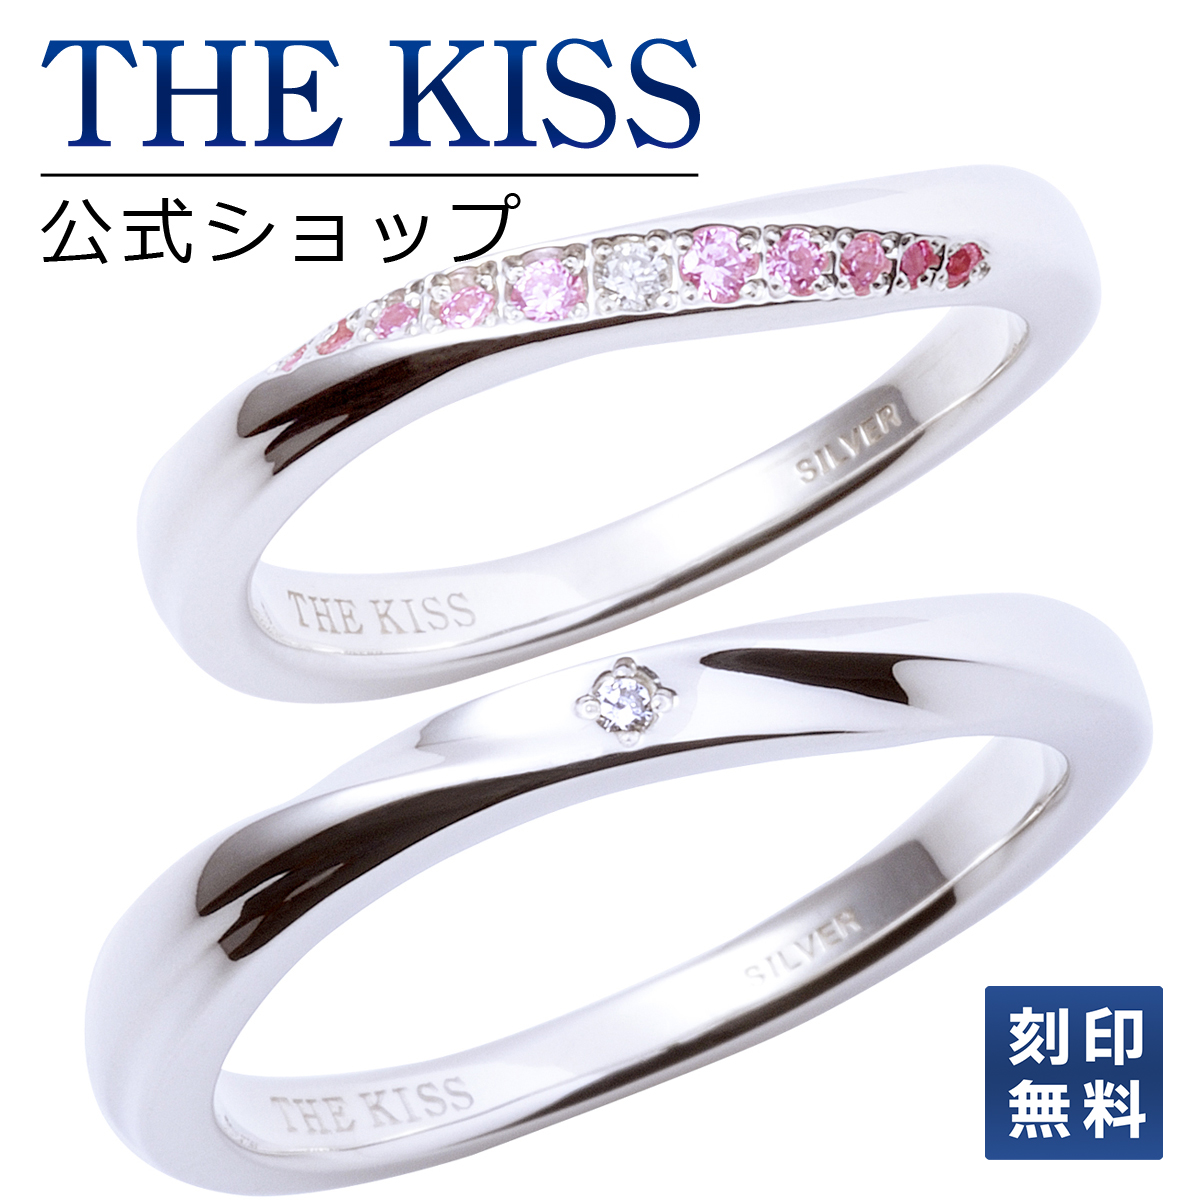 【刻印可_5文字】【あす楽対応】THE KISS 公式サイト シルバー ペアリング ダイヤモンド ペアアクセサリー カップル に 人気 の ジュエリーブランド THEKISS ペア リング・指輪 記念日 プレゼント SR2434DM-2435DM セット シンプル ザキス 【送料無料】